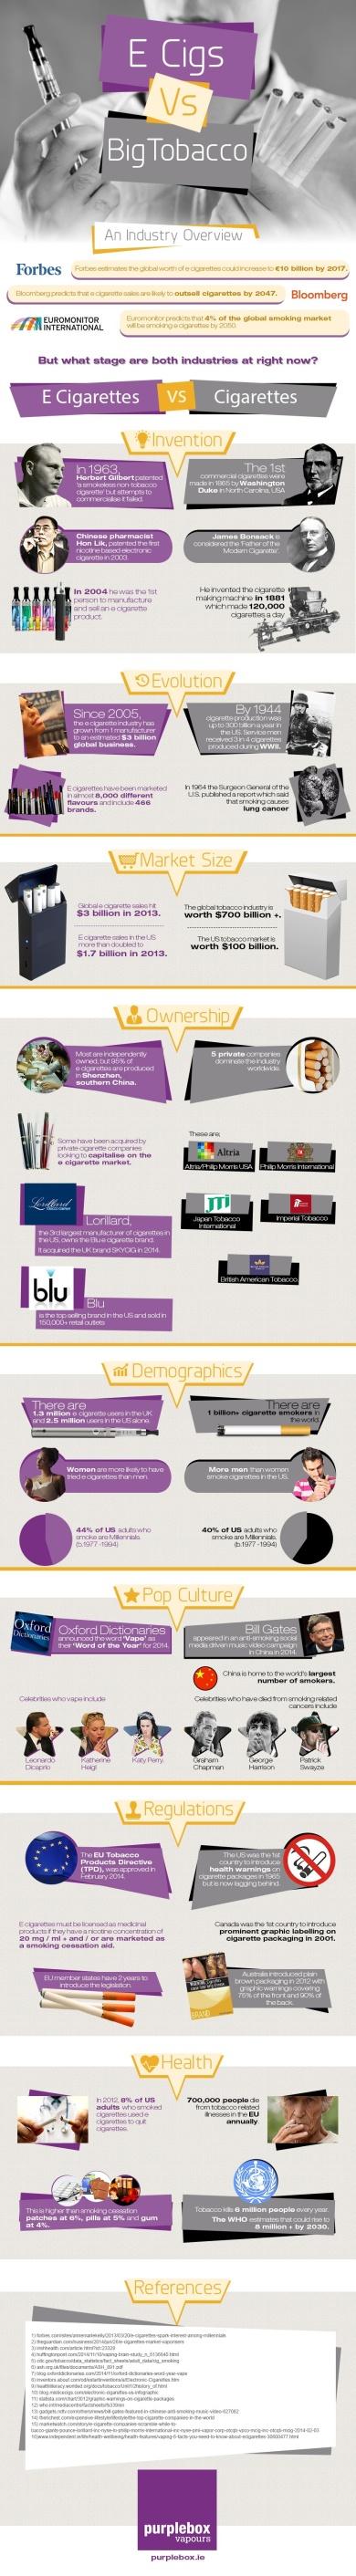 E-Cigs vs Big Tobacco Infographic